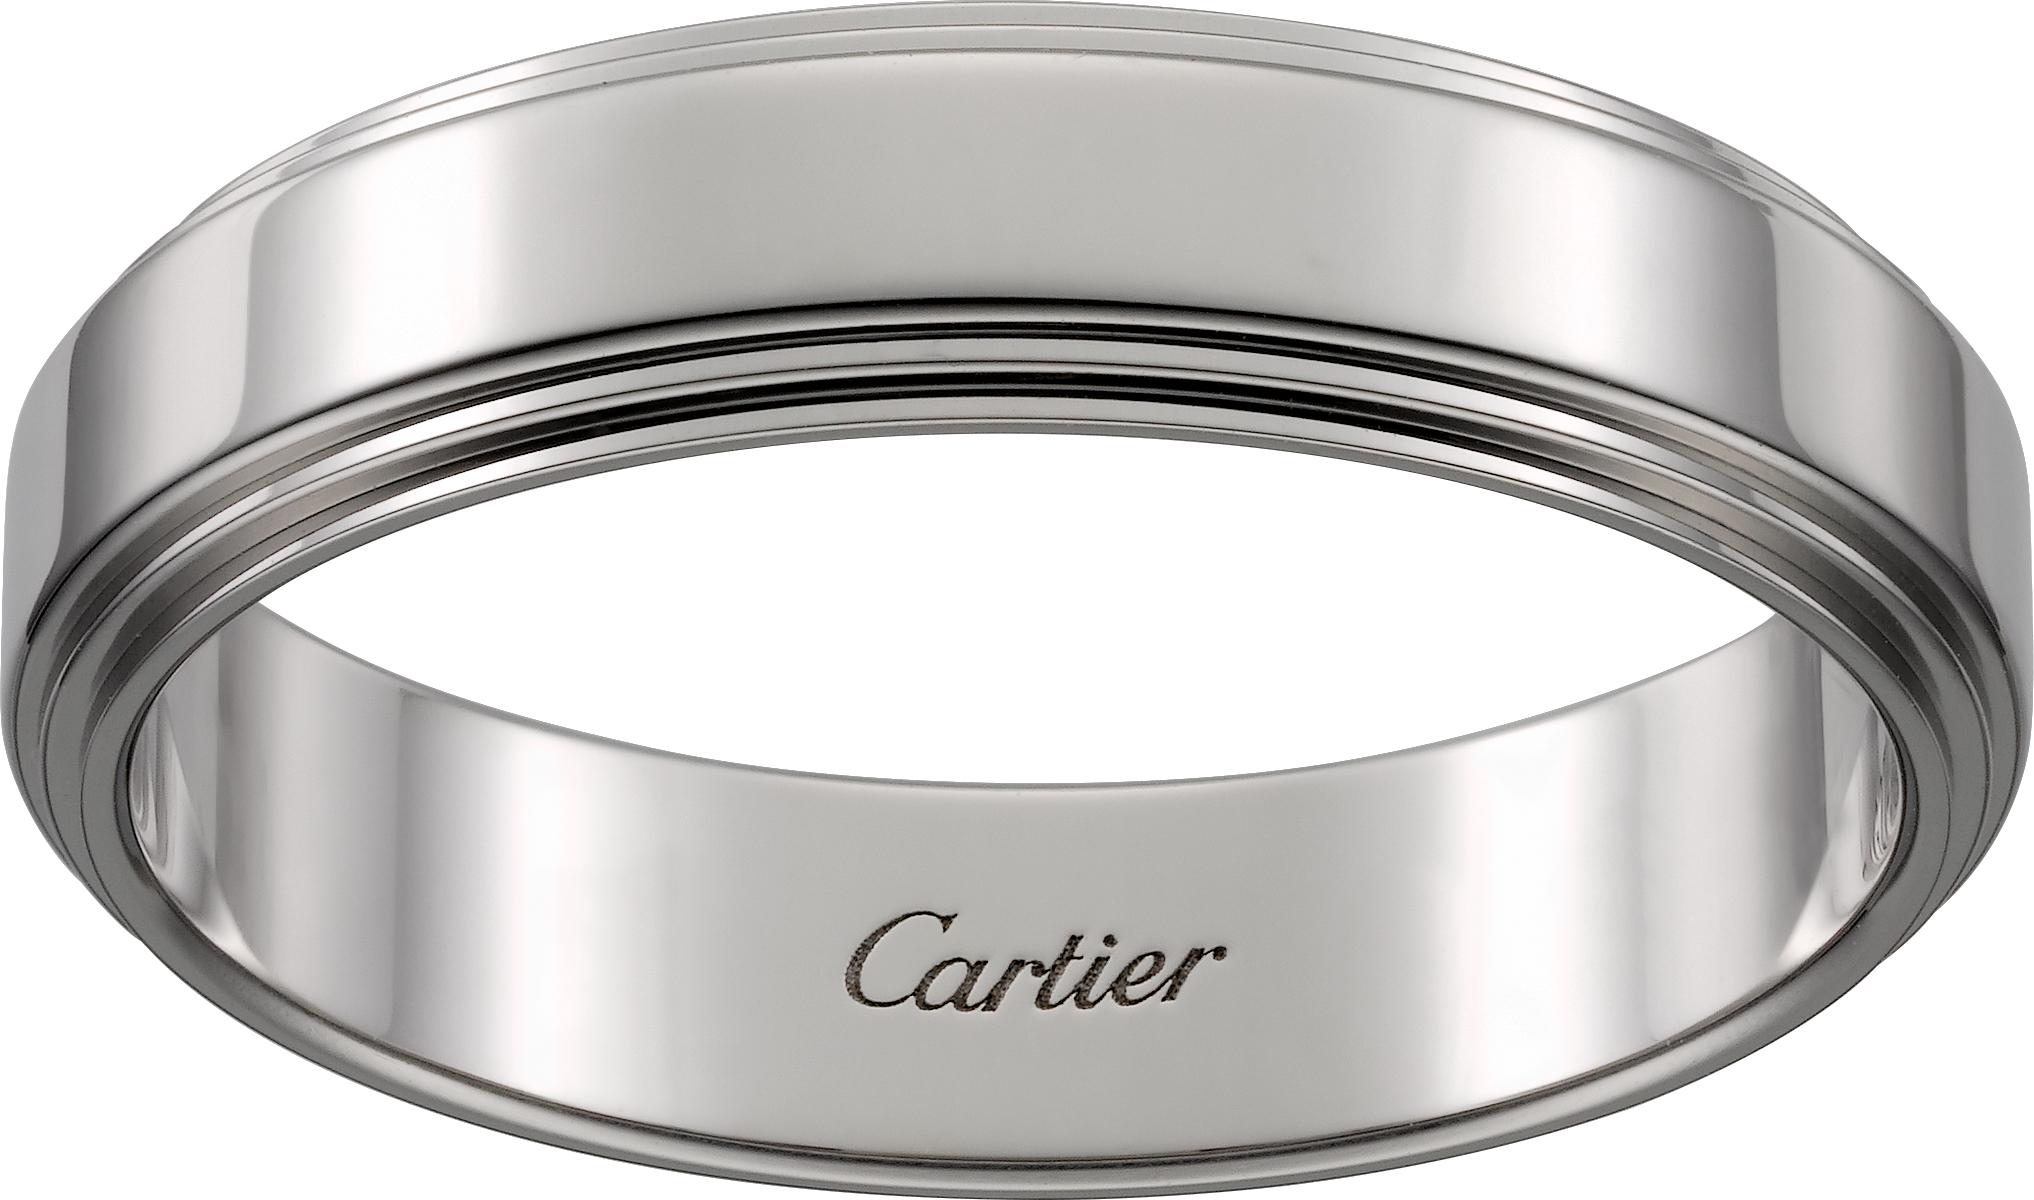 d6e2d53d59e Cartier S Exercise In Subtle Romance Augustman Com